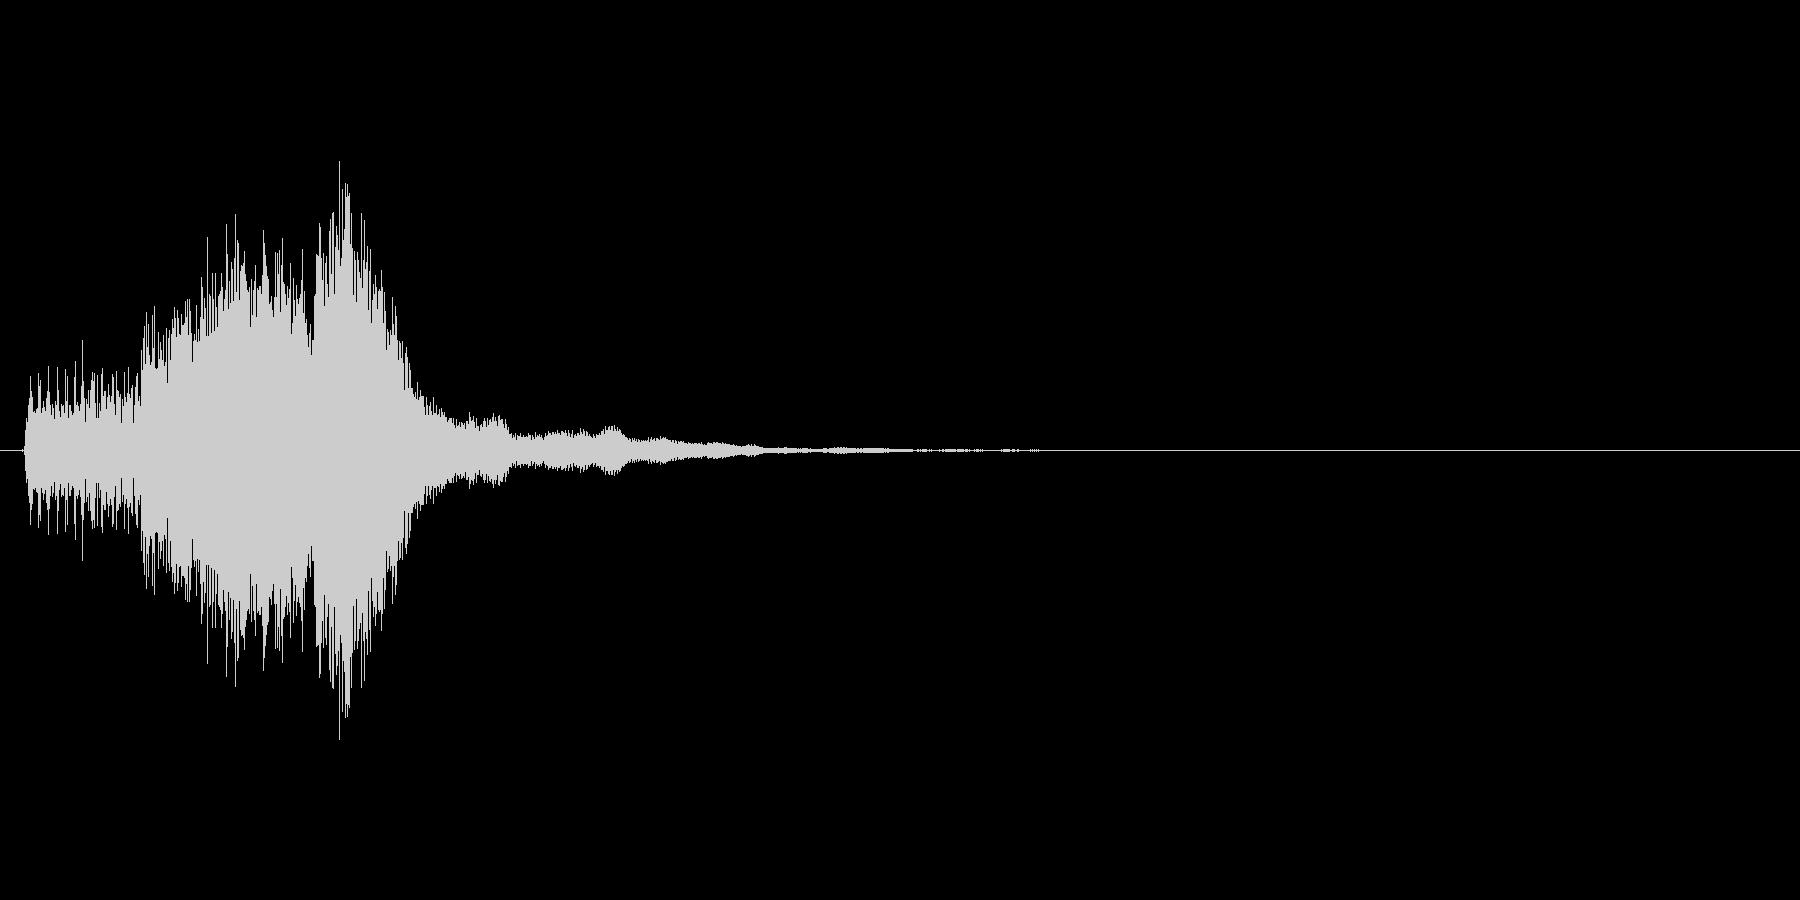 パズルゲームの連鎖における4段階目の音の未再生の波形